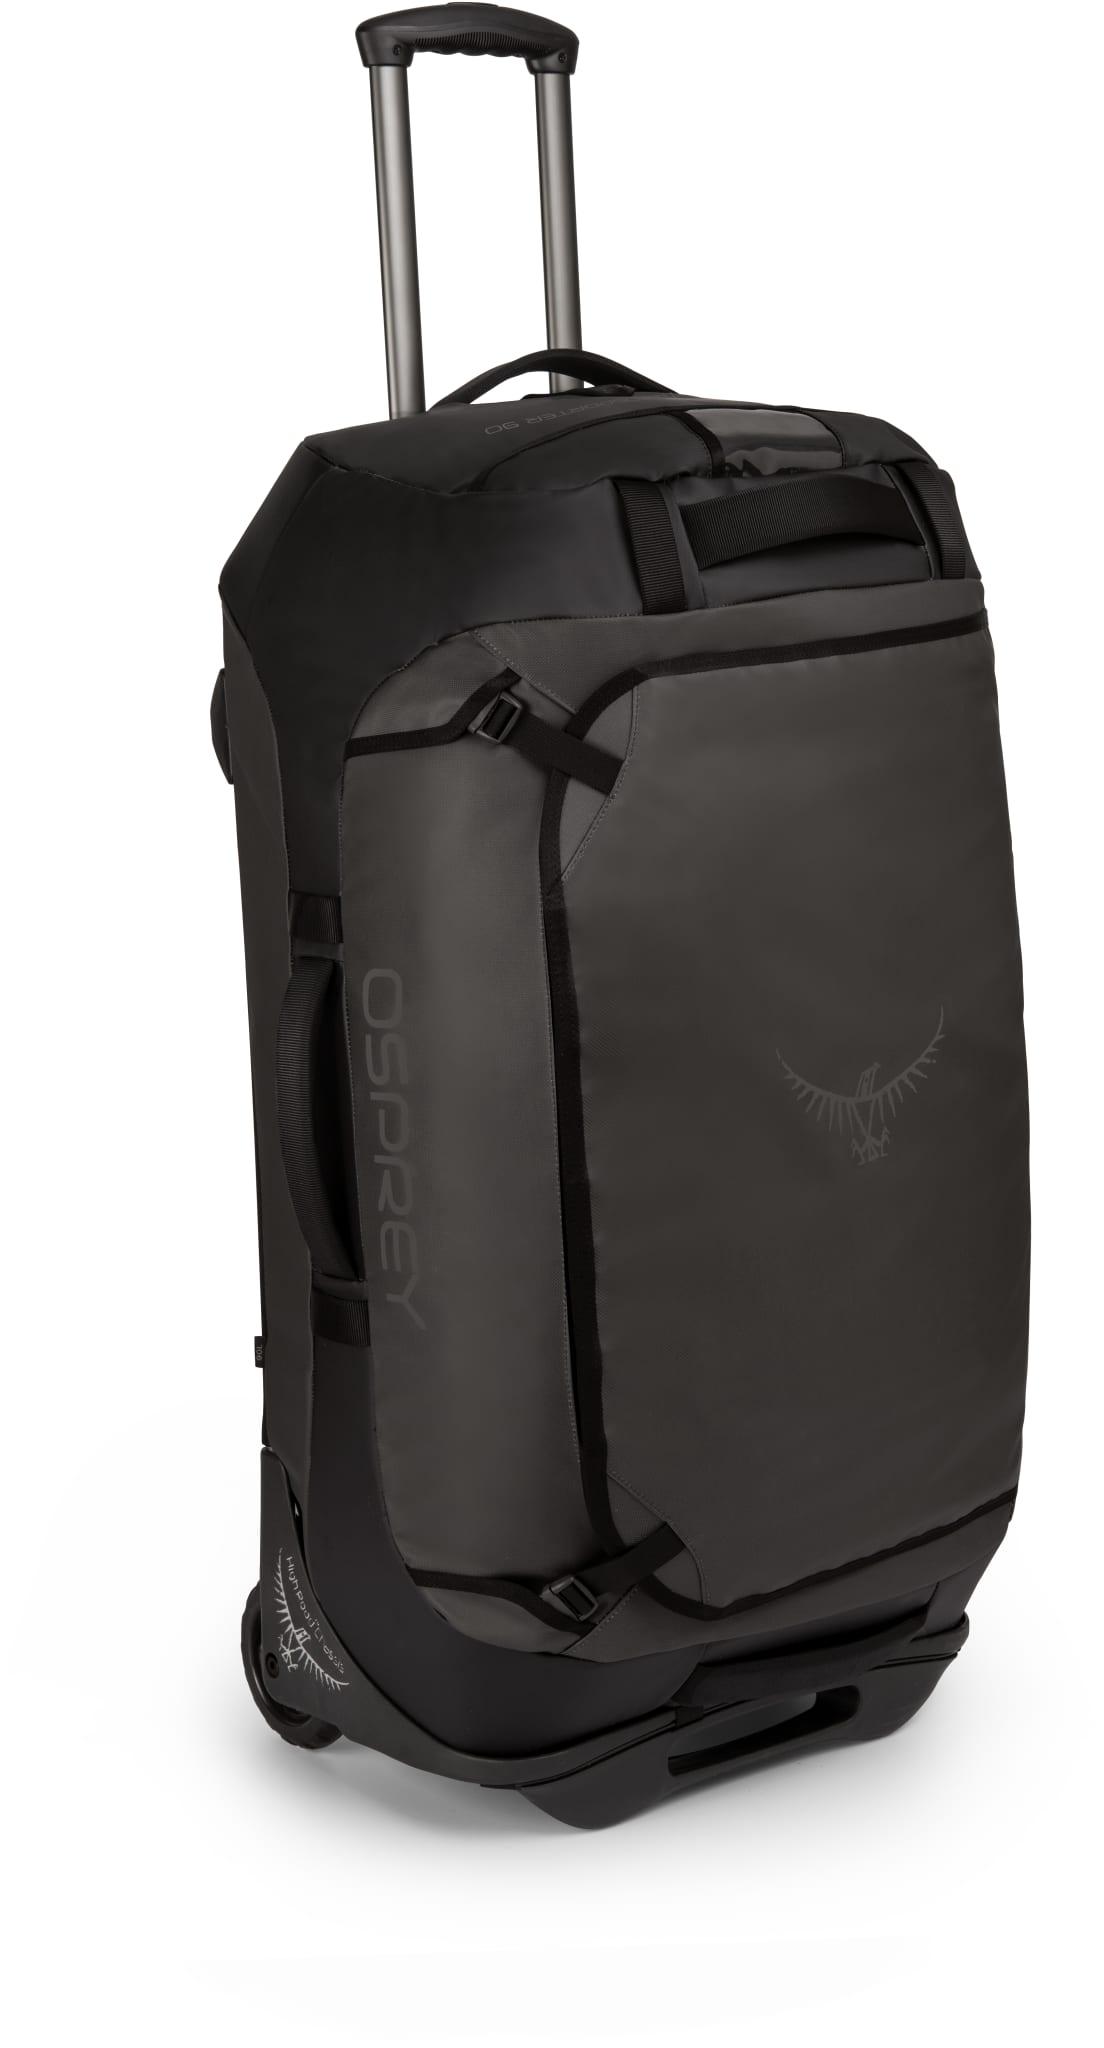 90 liter rullende reisebag, klar for eventyr!